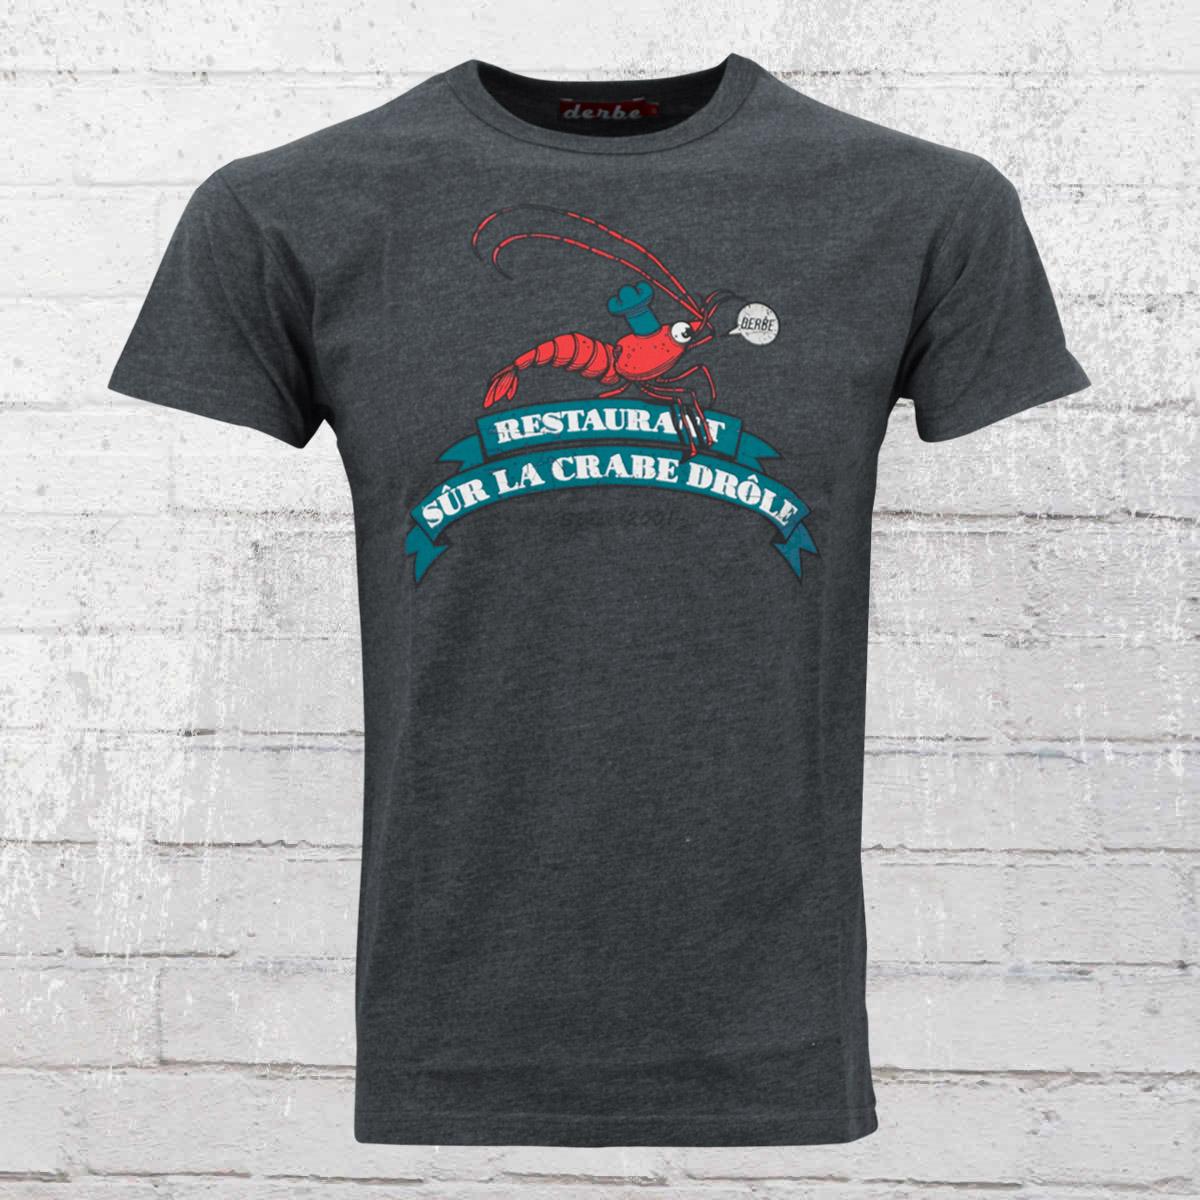 Derbe T Shirt